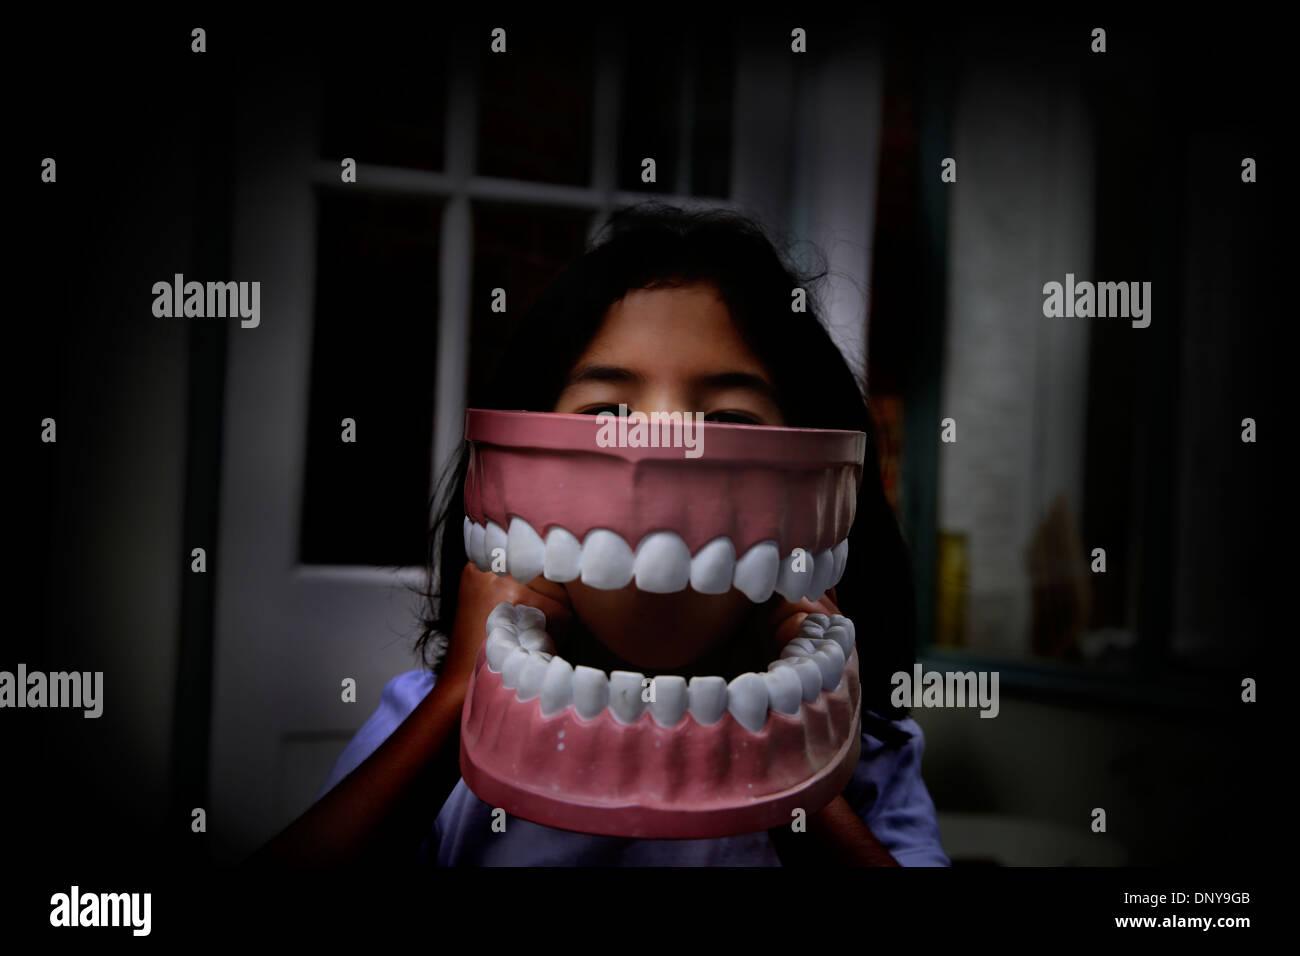 Enfant jouant avec les dents jouet géant Photo Stock